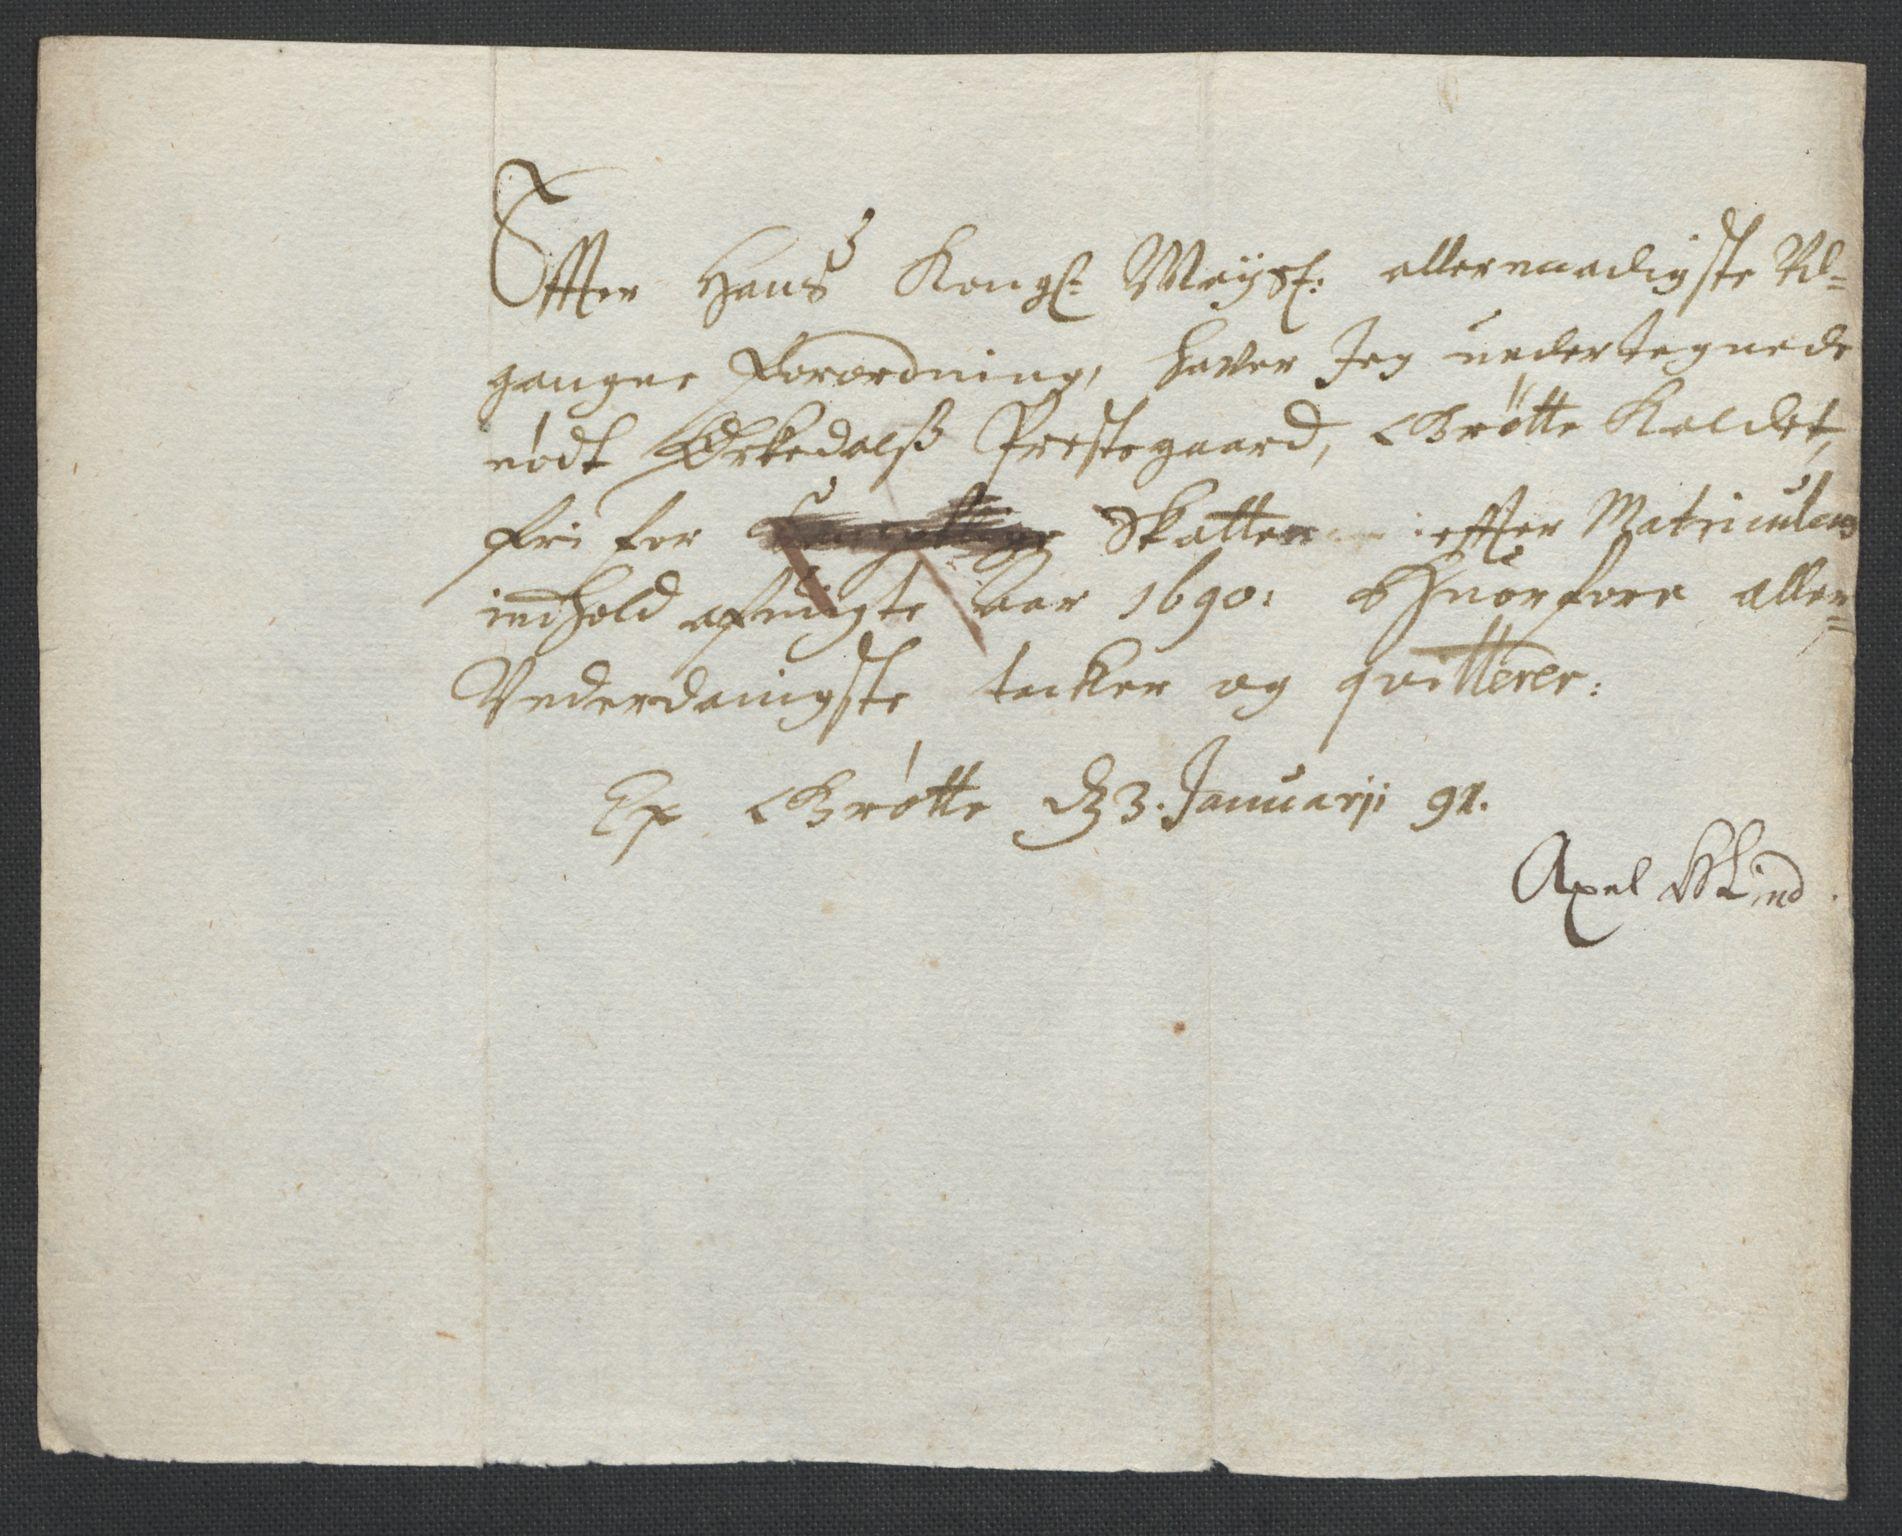 RA, Rentekammeret inntil 1814, Reviderte regnskaper, Fogderegnskap, R58/L3936: Fogderegnskap Orkdal, 1689-1690, s. 435